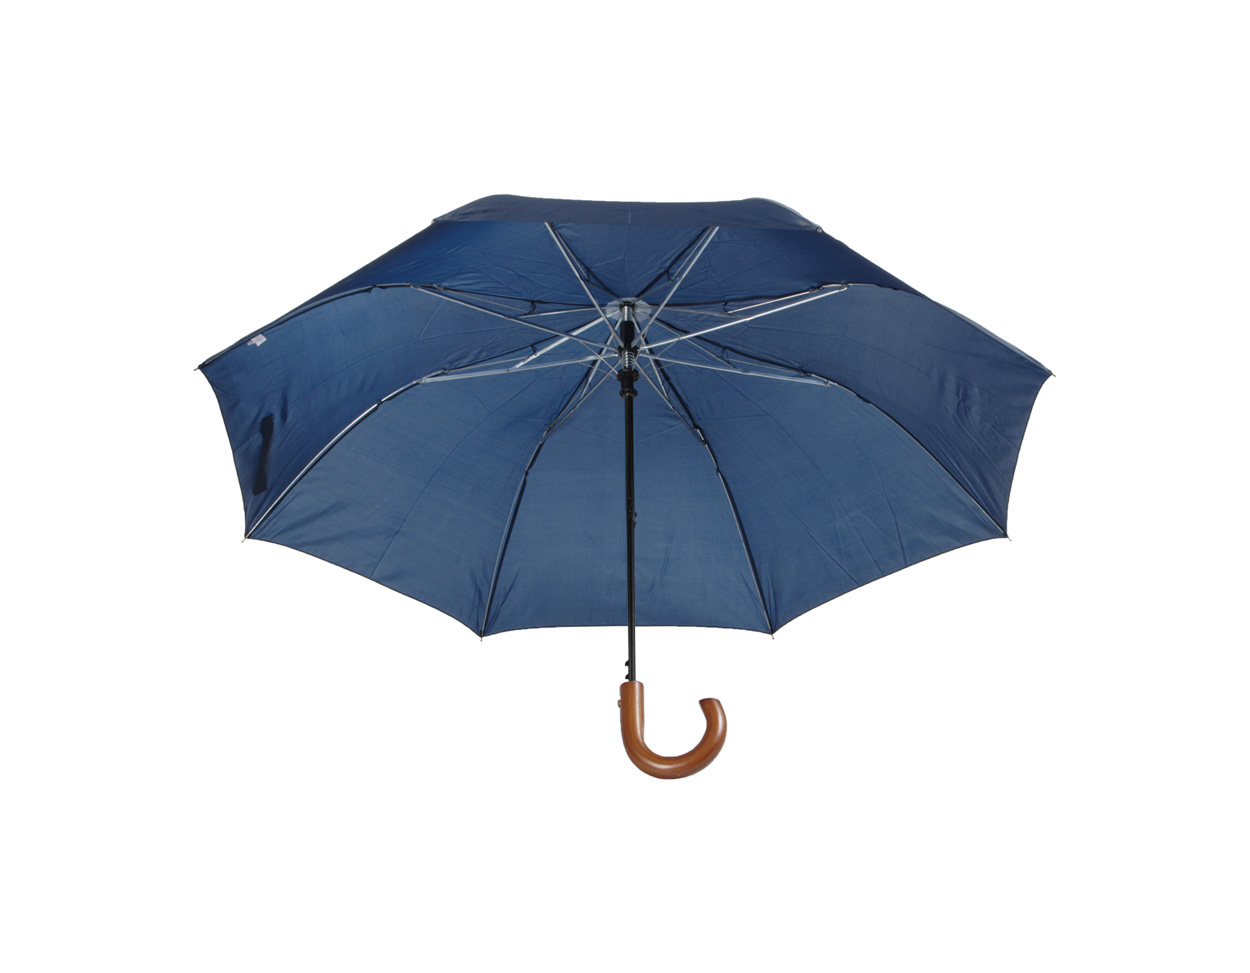 kék Stansed összecsukható fanyelű esernyő|Stansed összecsukható fanyelű esernyő|Stansed összecsukható fanyelű esernyő|Stansed összecsukható fanyelű esernyő|fekete Stansed összecsukható fanyelű esernyő|Stansed összecsukható fanyelű esernyő